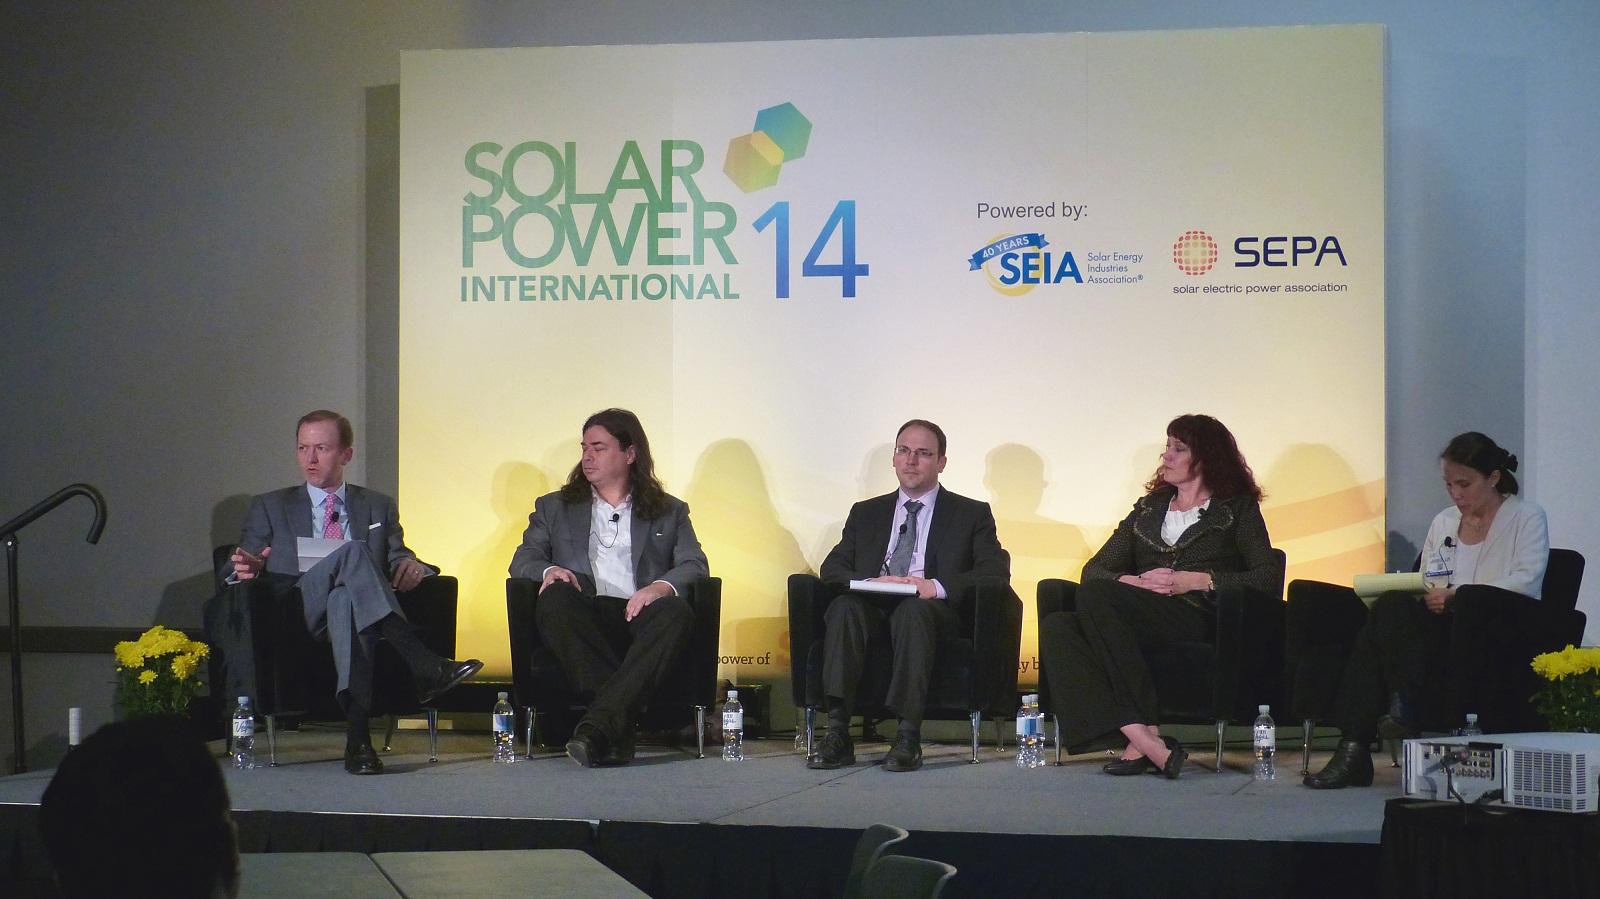 太陽光発電を成功させる上での障壁をどのように取り除くか、直面する様々な課題について話し合われた